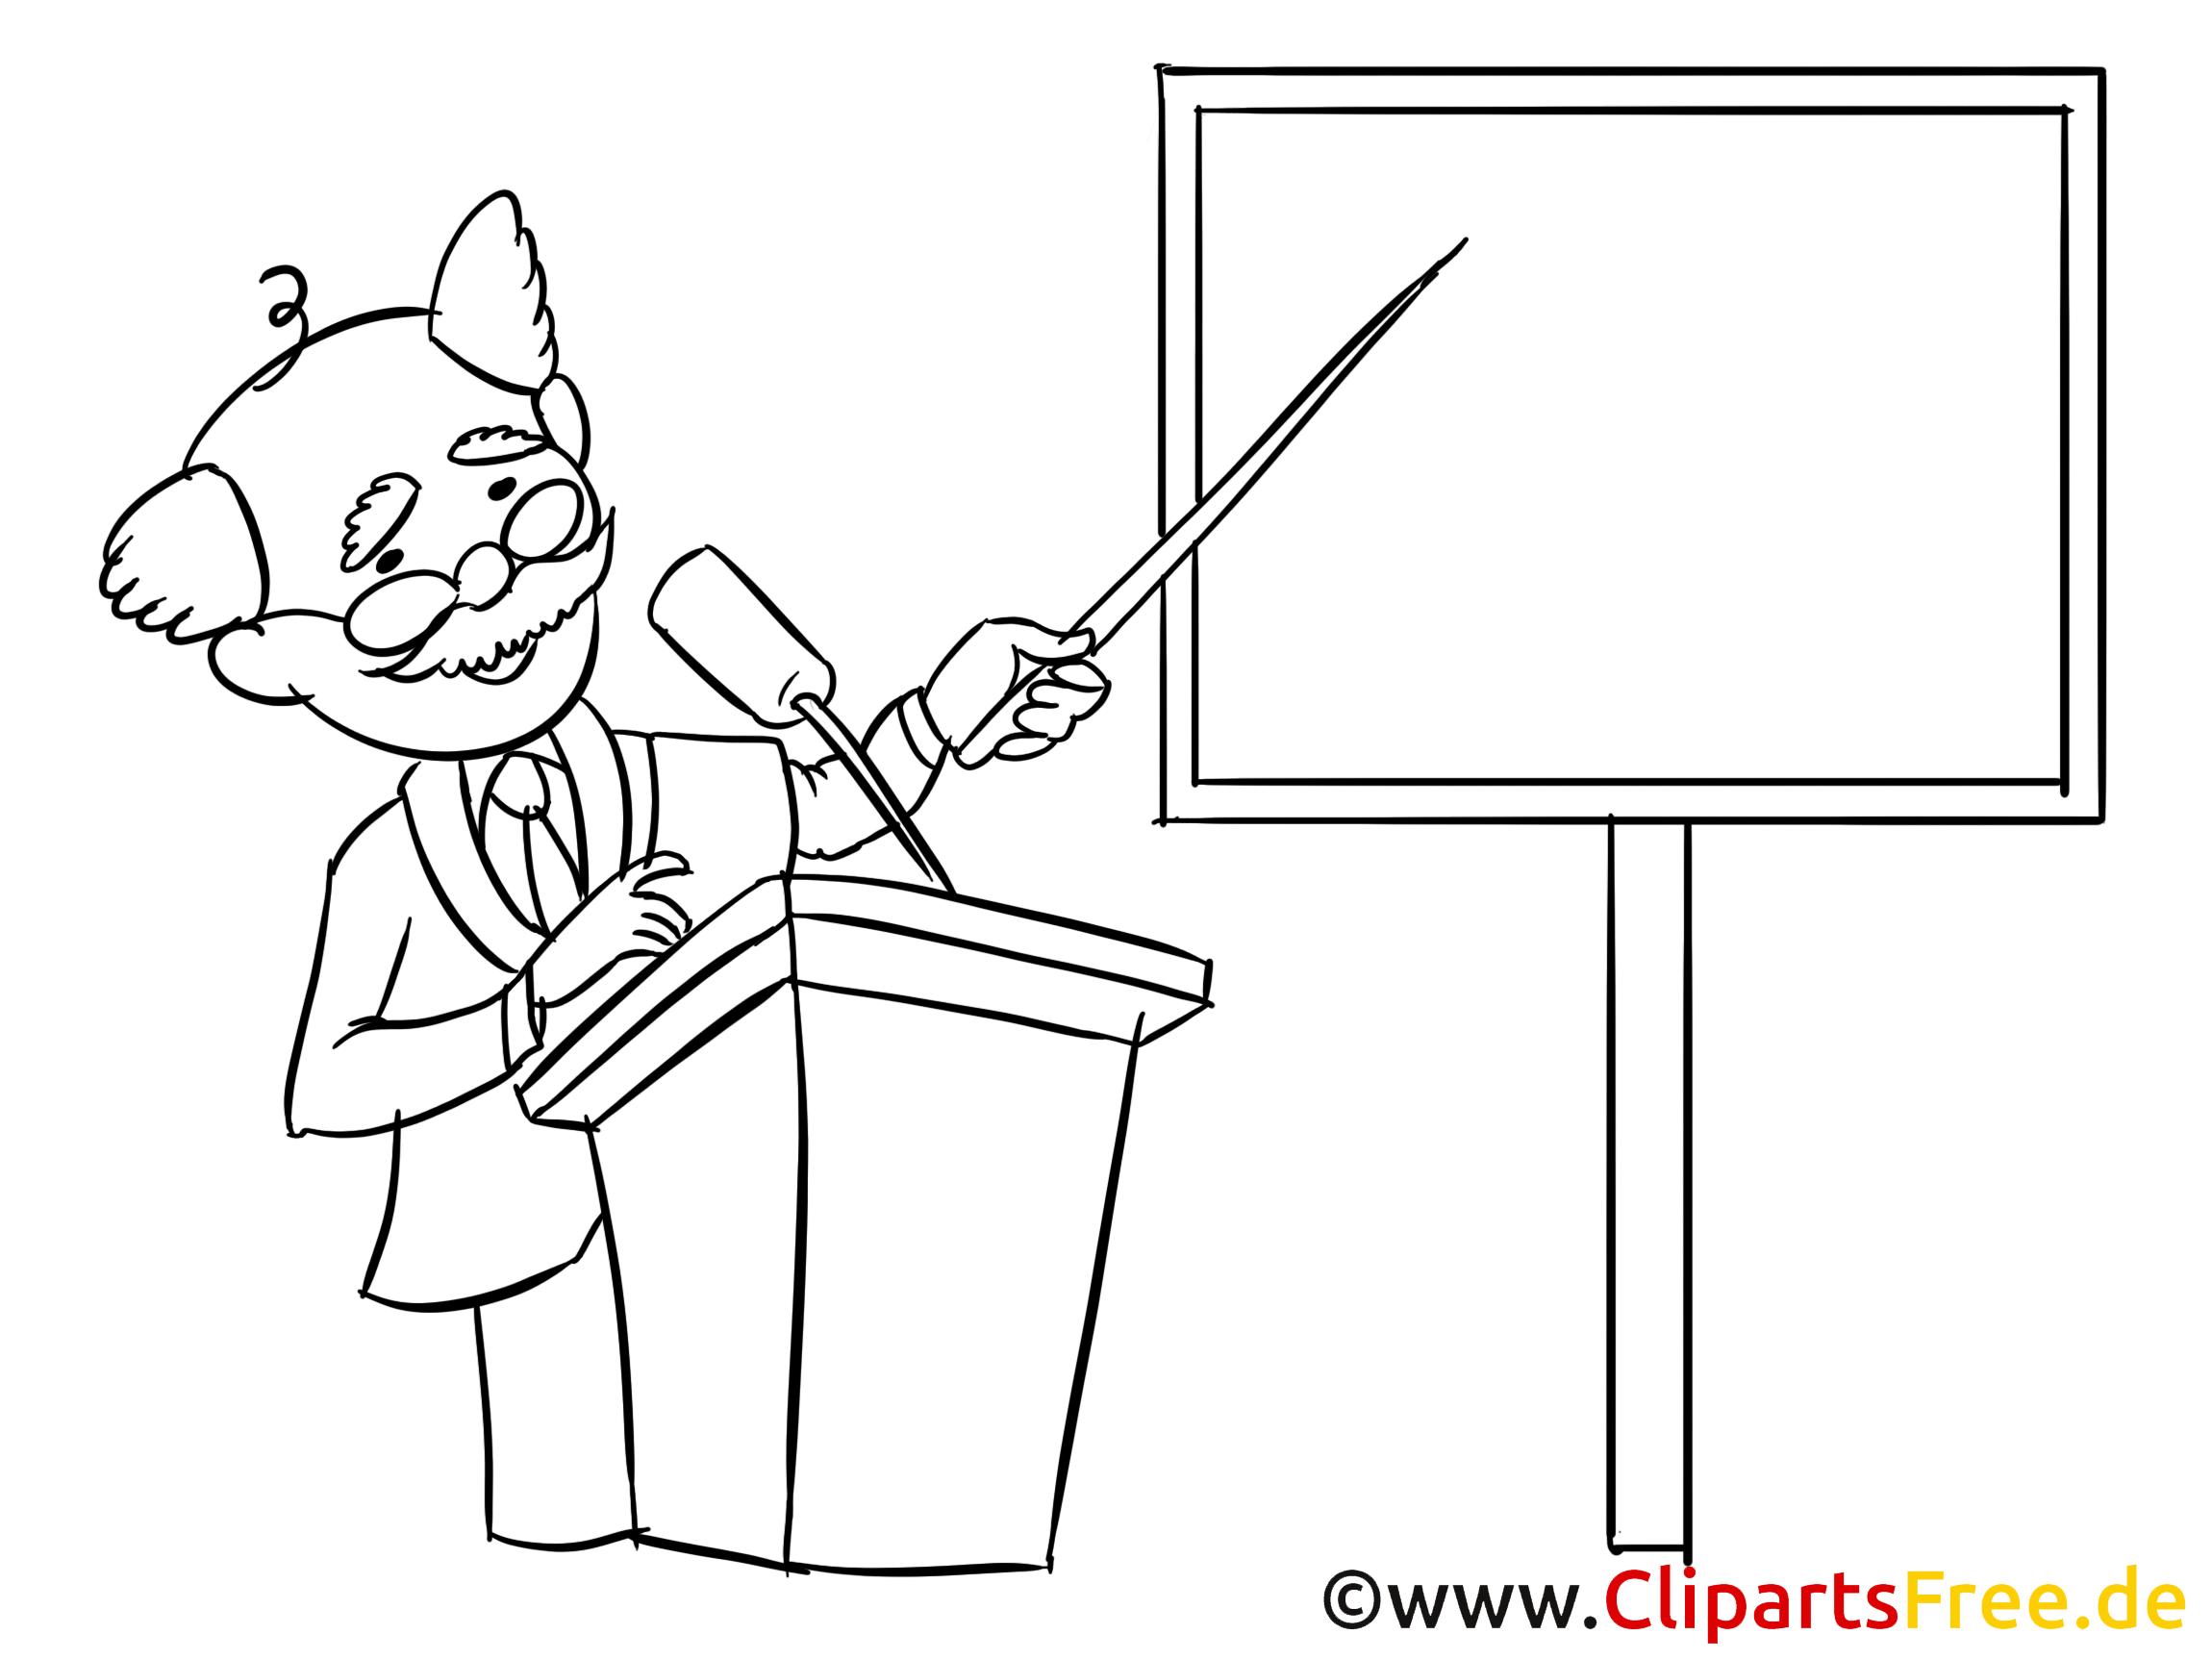 Instructor Clipart, Bild, Zeichnung, Cartoon